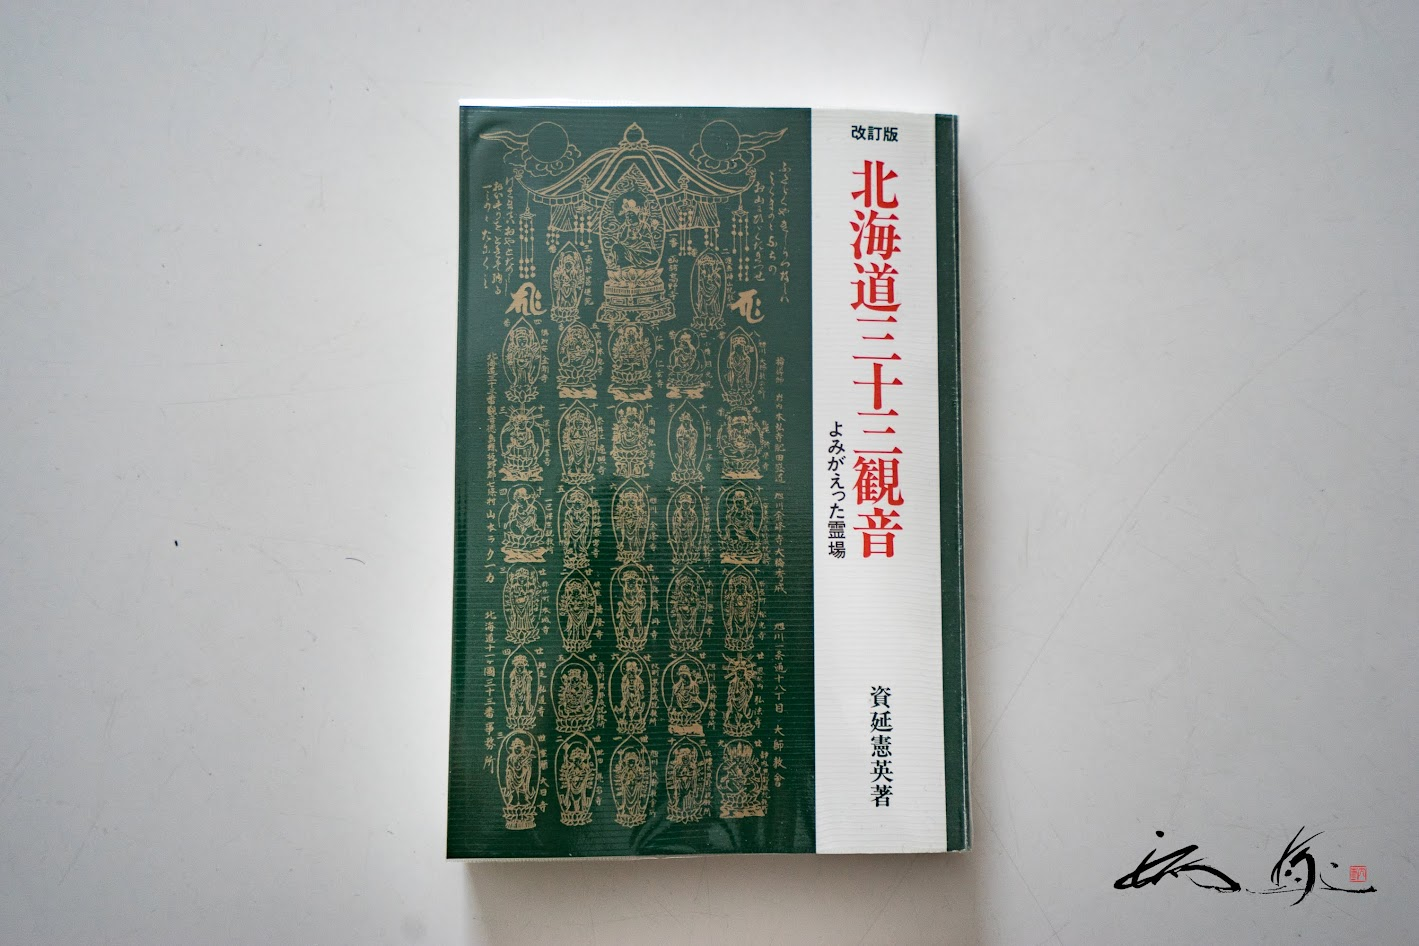 『北海道三十三観音 よみがえった霊場』資延憲英僧正 著